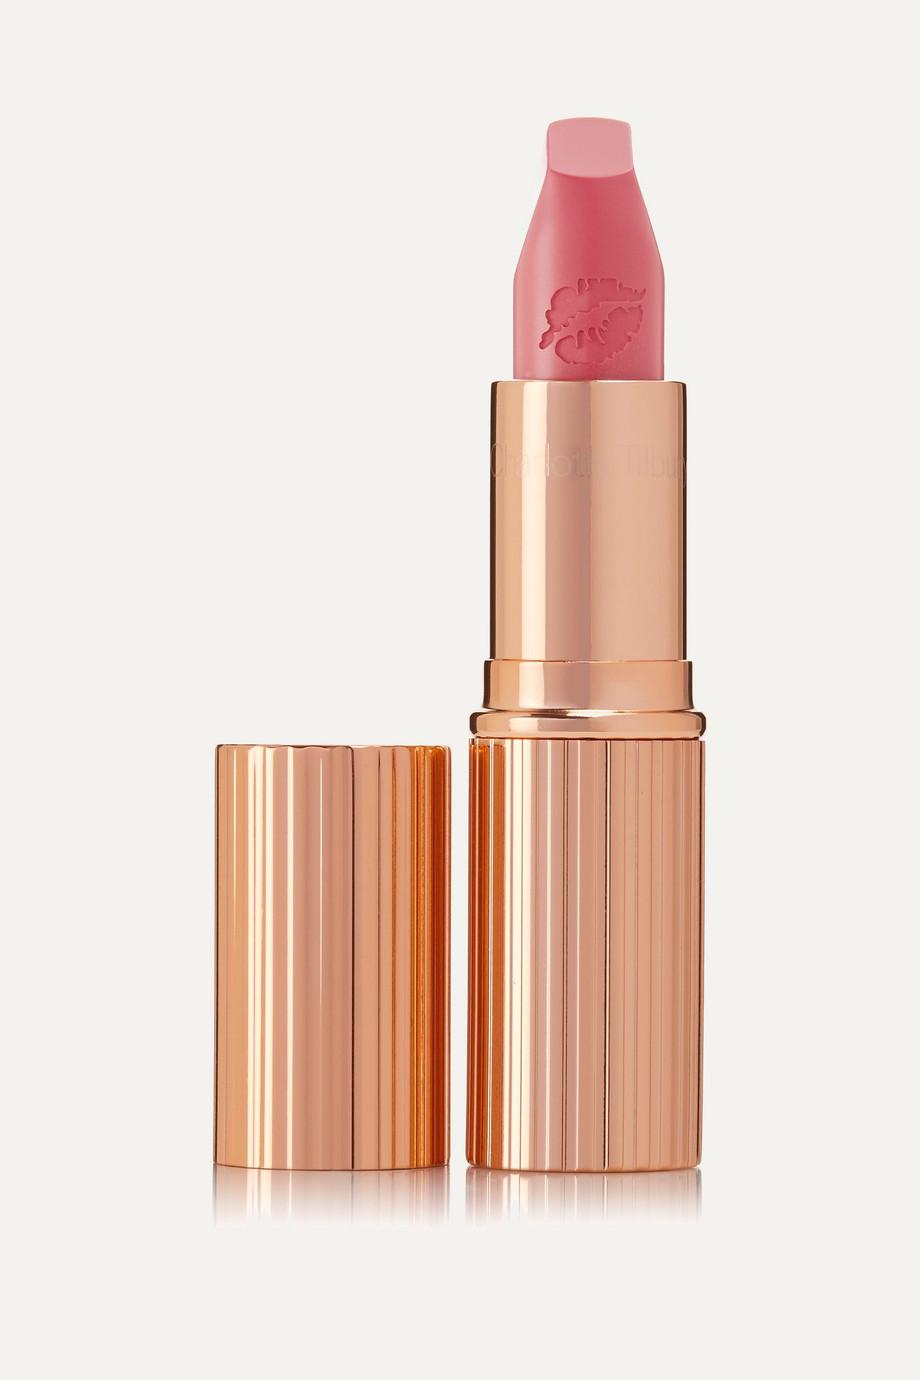 Charlotte Tilbury Rouge à lèvres Hot Lips, Super Cindy